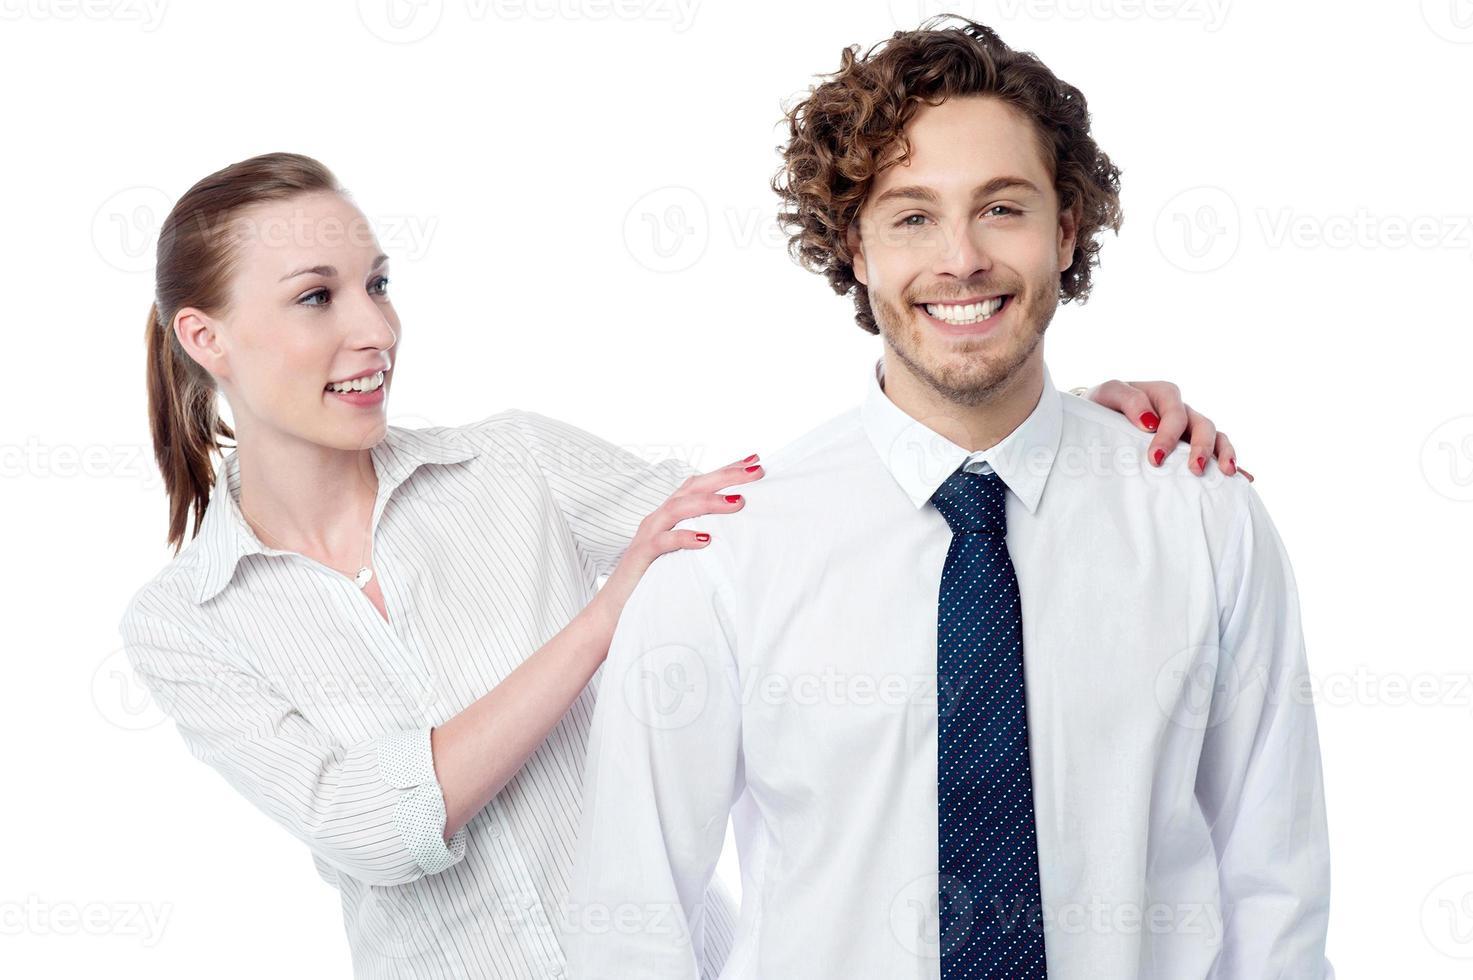 lekfulla affärskollegor som har kul foto